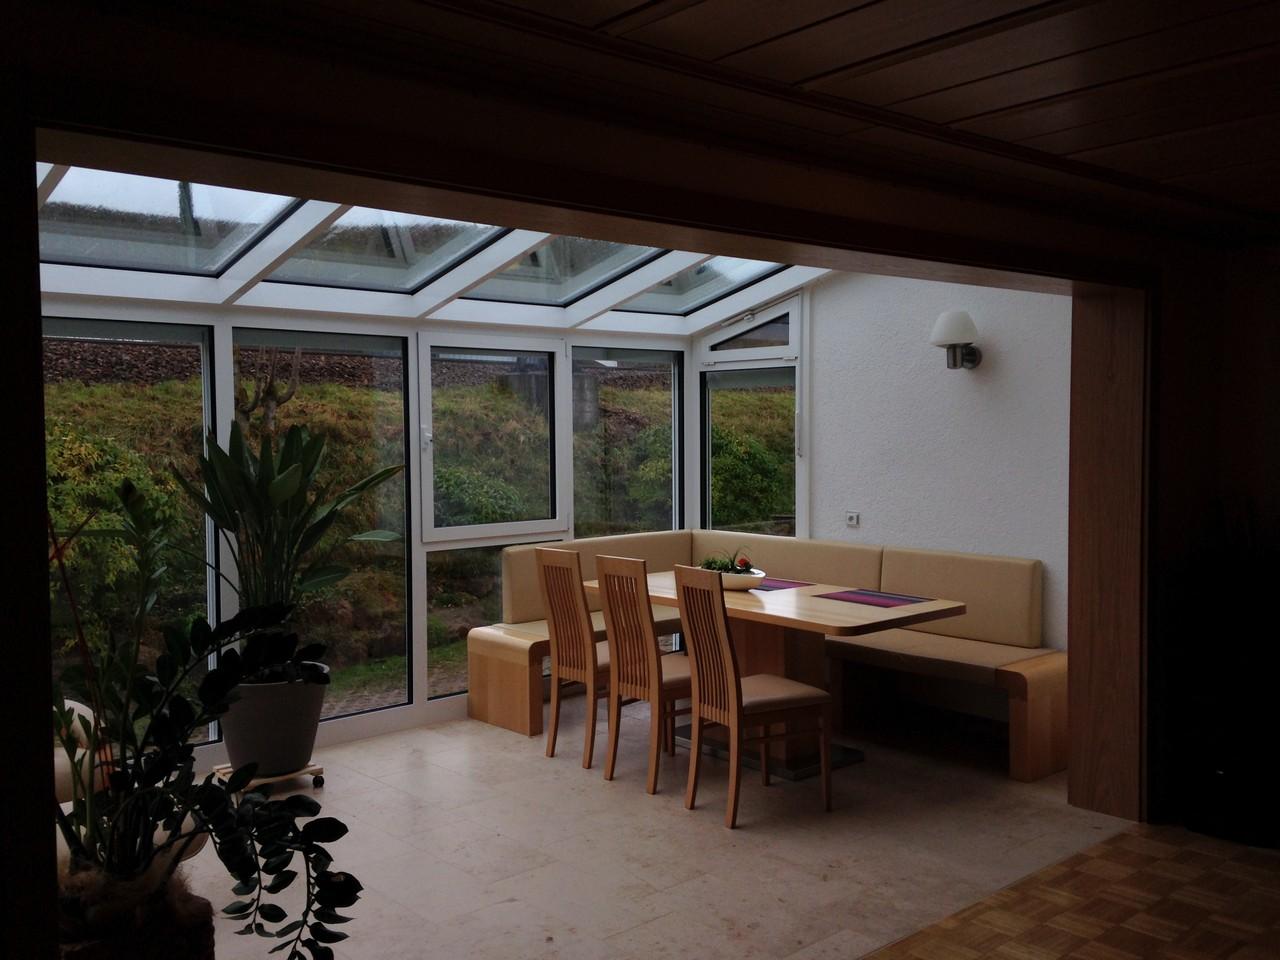 eckbank tisch mit mittelfu schreinerei holzdesign. Black Bedroom Furniture Sets. Home Design Ideas